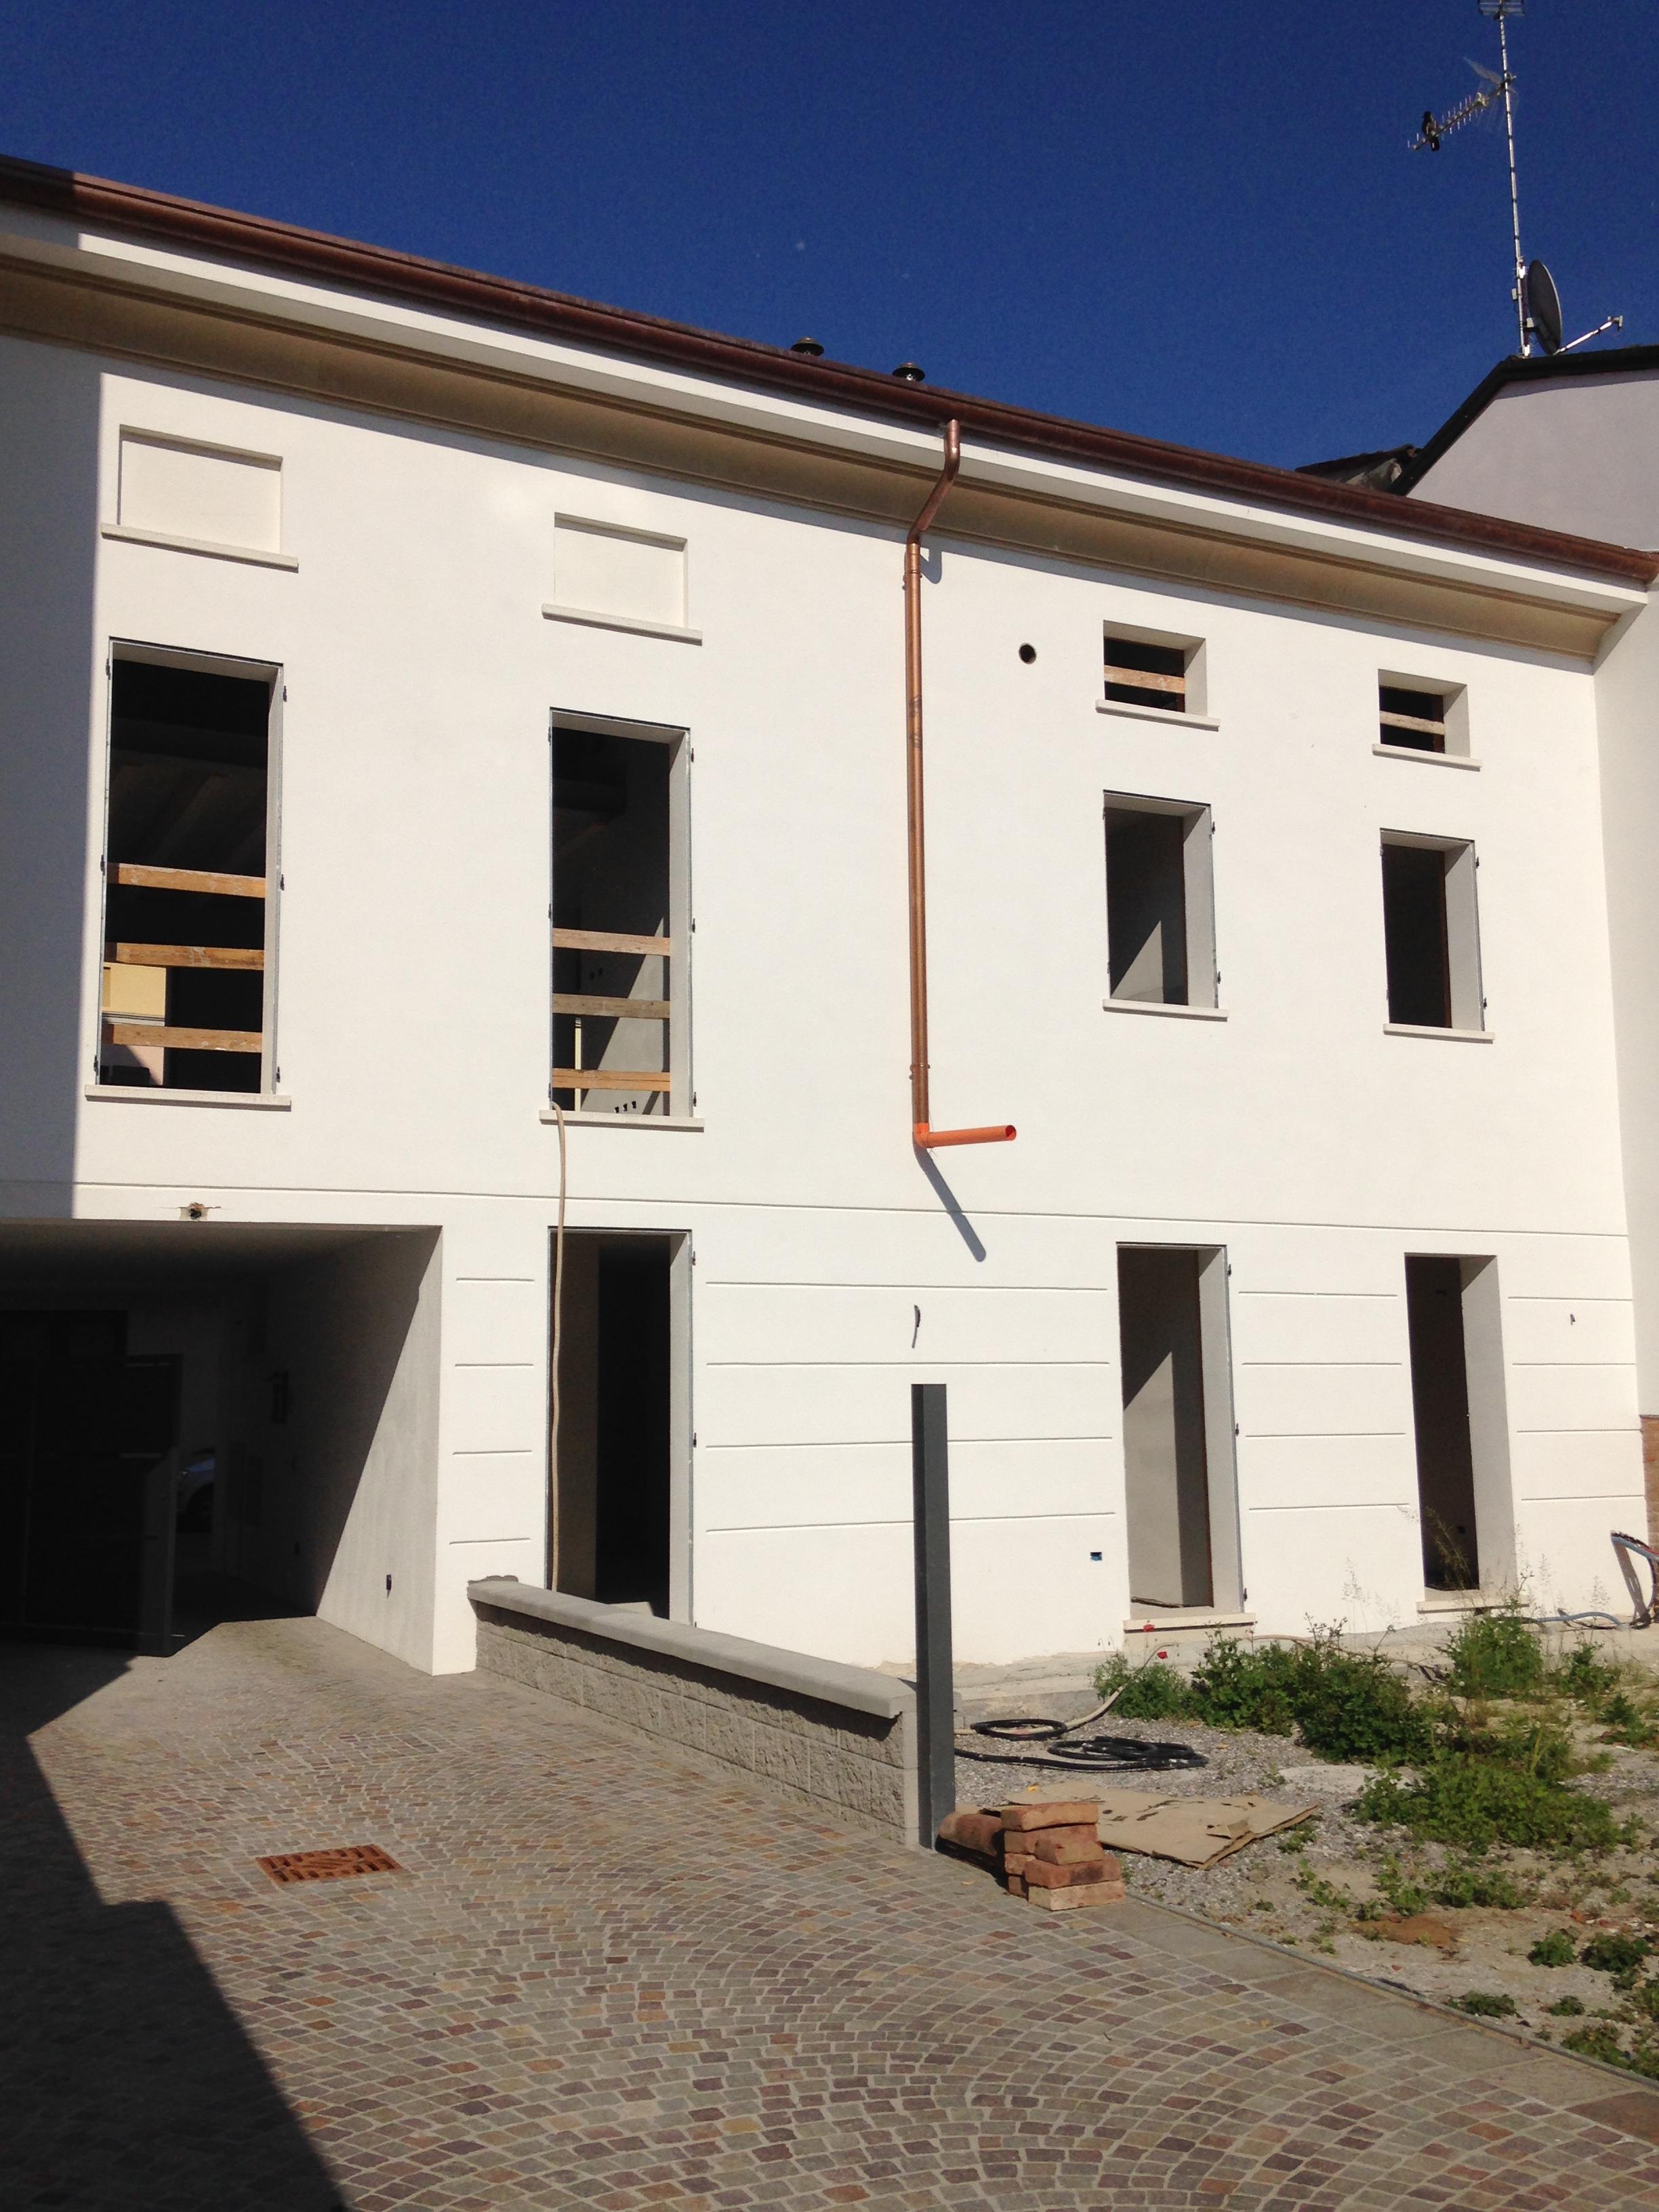 Edificio residenziale in via Azzo Porzio - Casalmaggiore (CR)